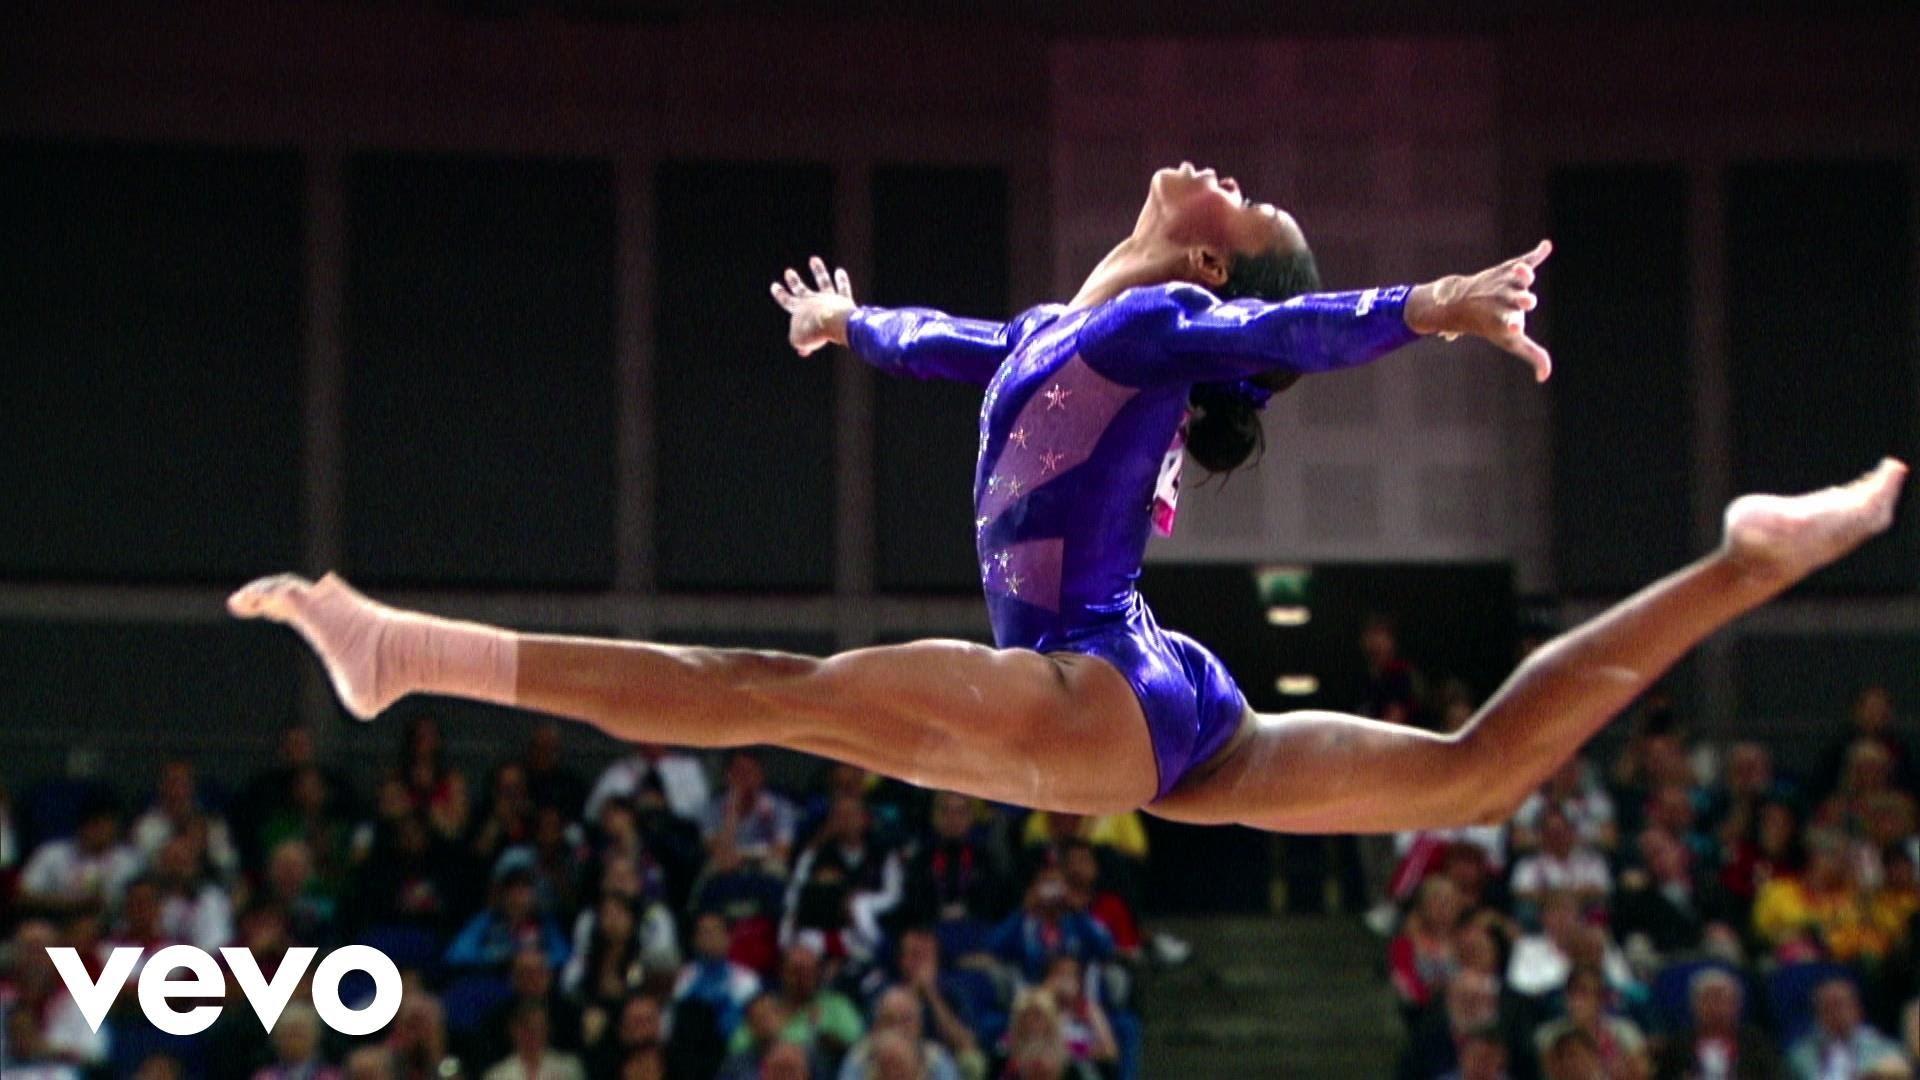 「聽凱蒂佩芮新曲〈Rise〉熱血迎接里約奧運!」- Rise